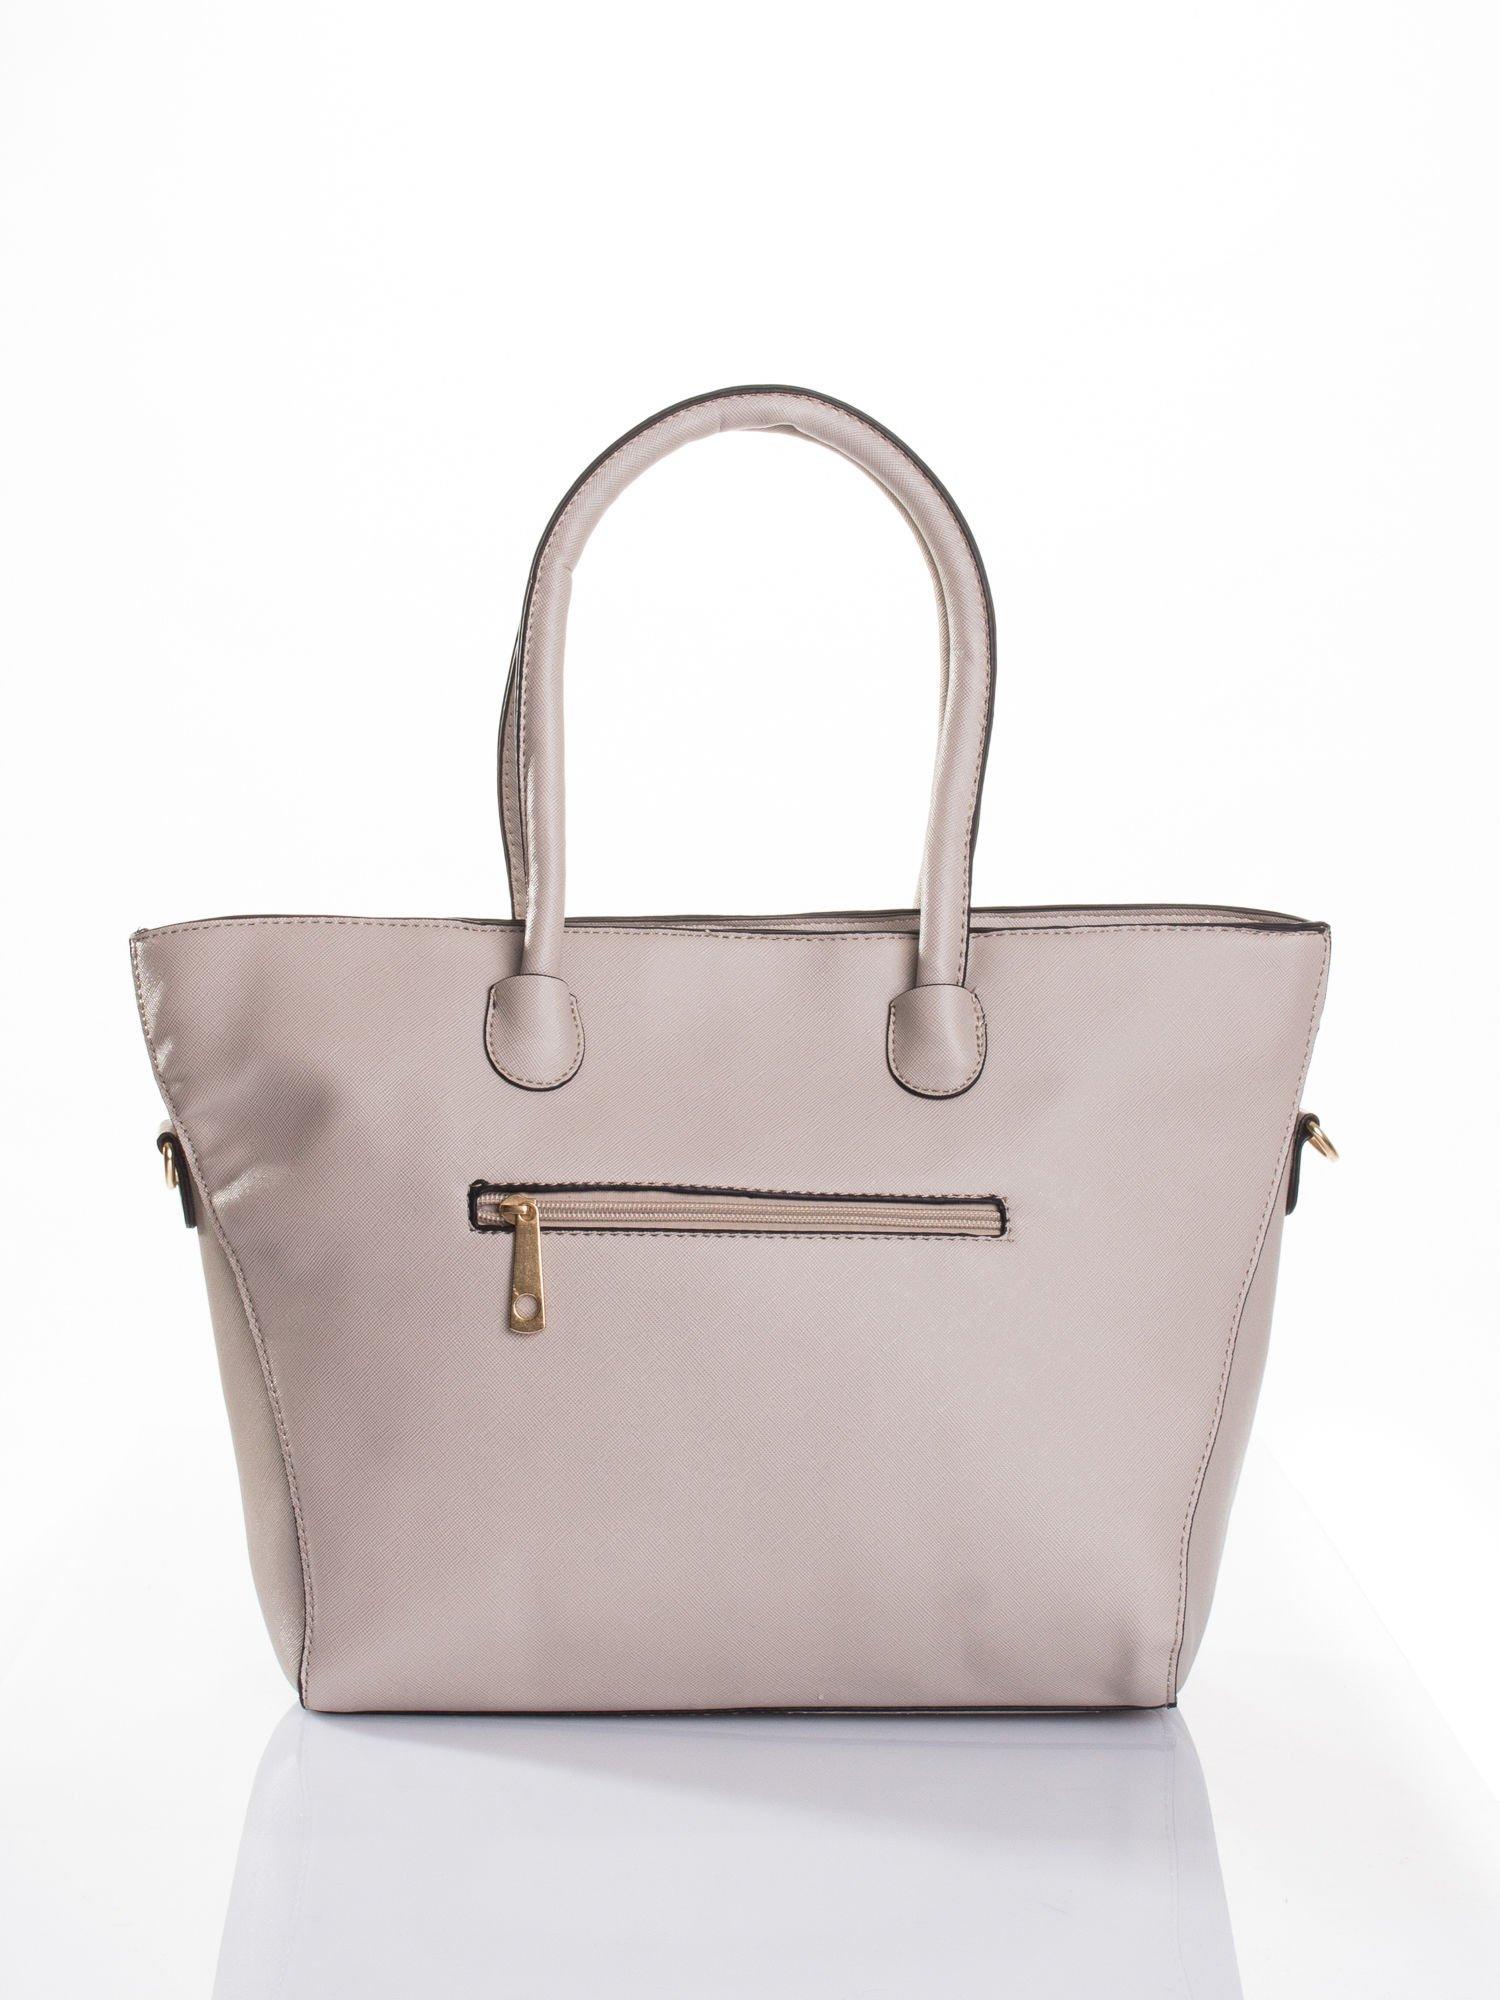 Jasnobeżowa torba shopper efekt saffiano                                  zdj.                                  2